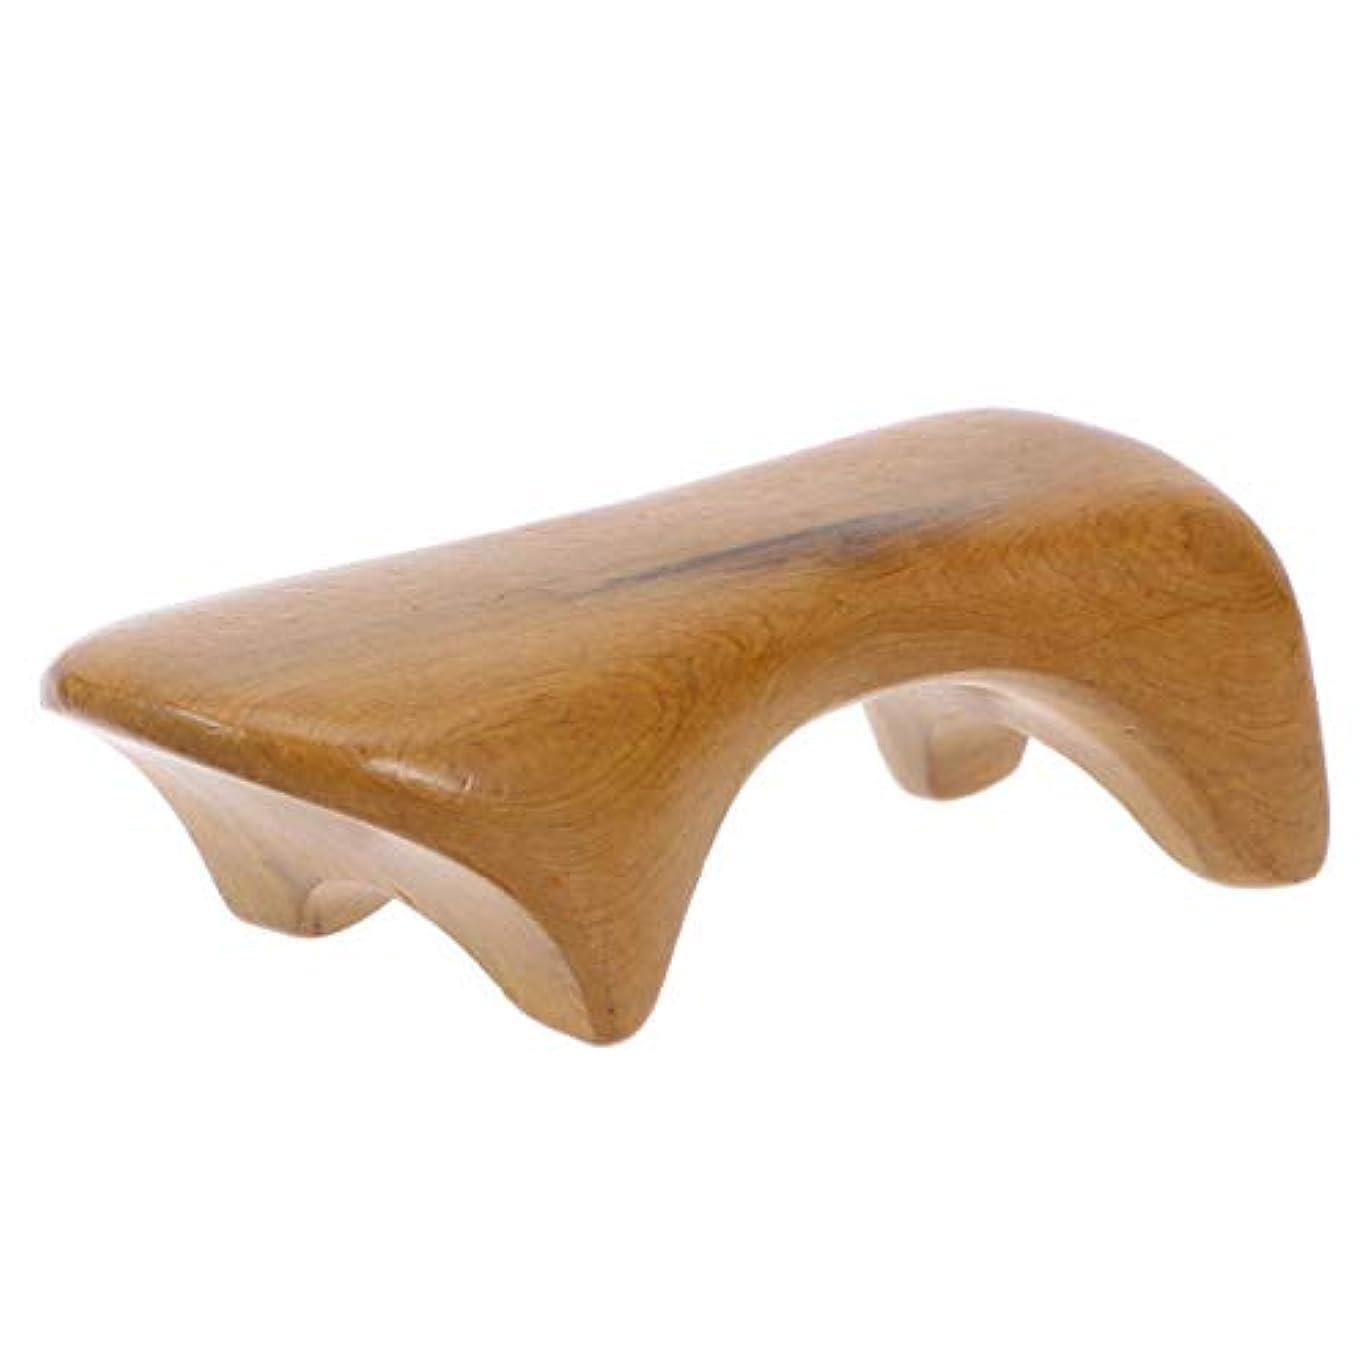 正しい宝石ホールド完全木製のための木の背部マッサージャーの手持ち型のBadyのマッサージャーの多機能のマッサージャー